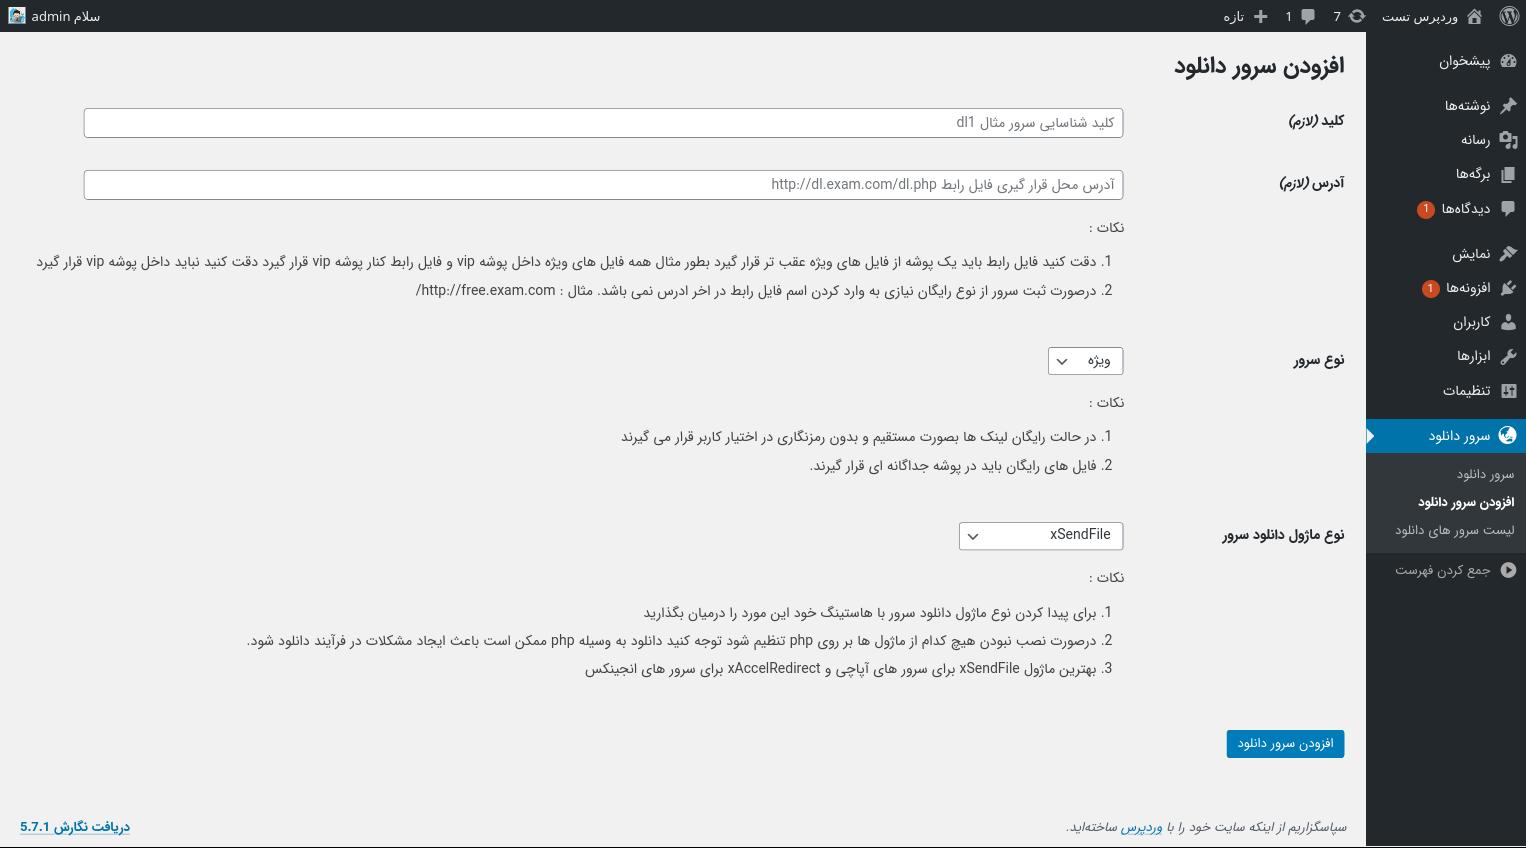 پنل افزودن سرور افزونه اتصال سرور های دانلود به اشتراک ویژه